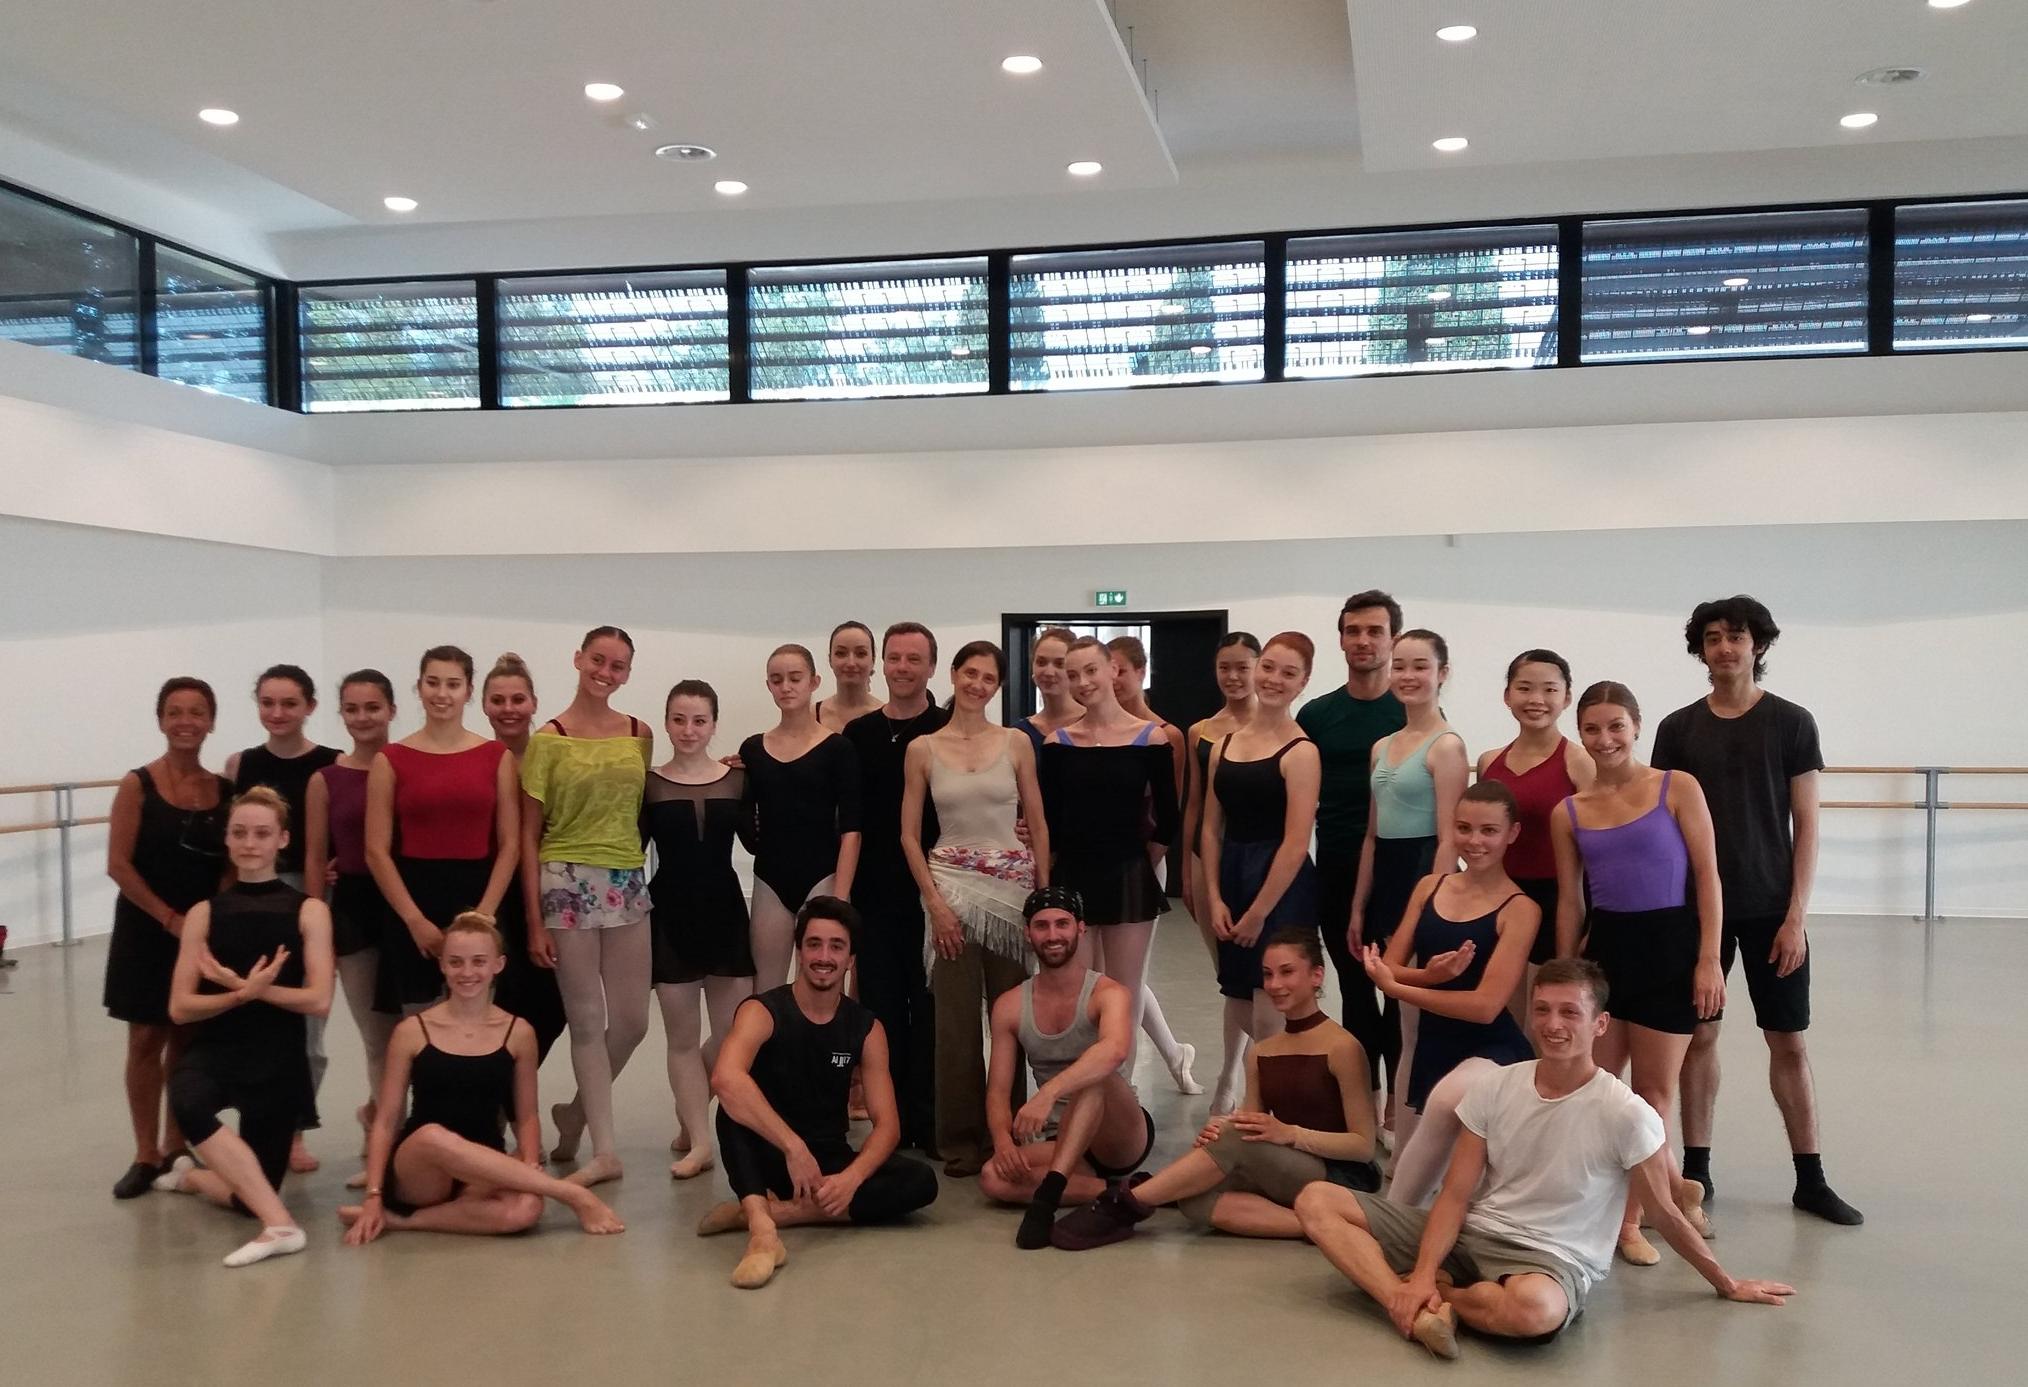 Les élèves du cours supérieur donné par Yannick Boquin mélangeant professionnels, stagiaires et élèves du Centre International de Danse Rosella Hightower